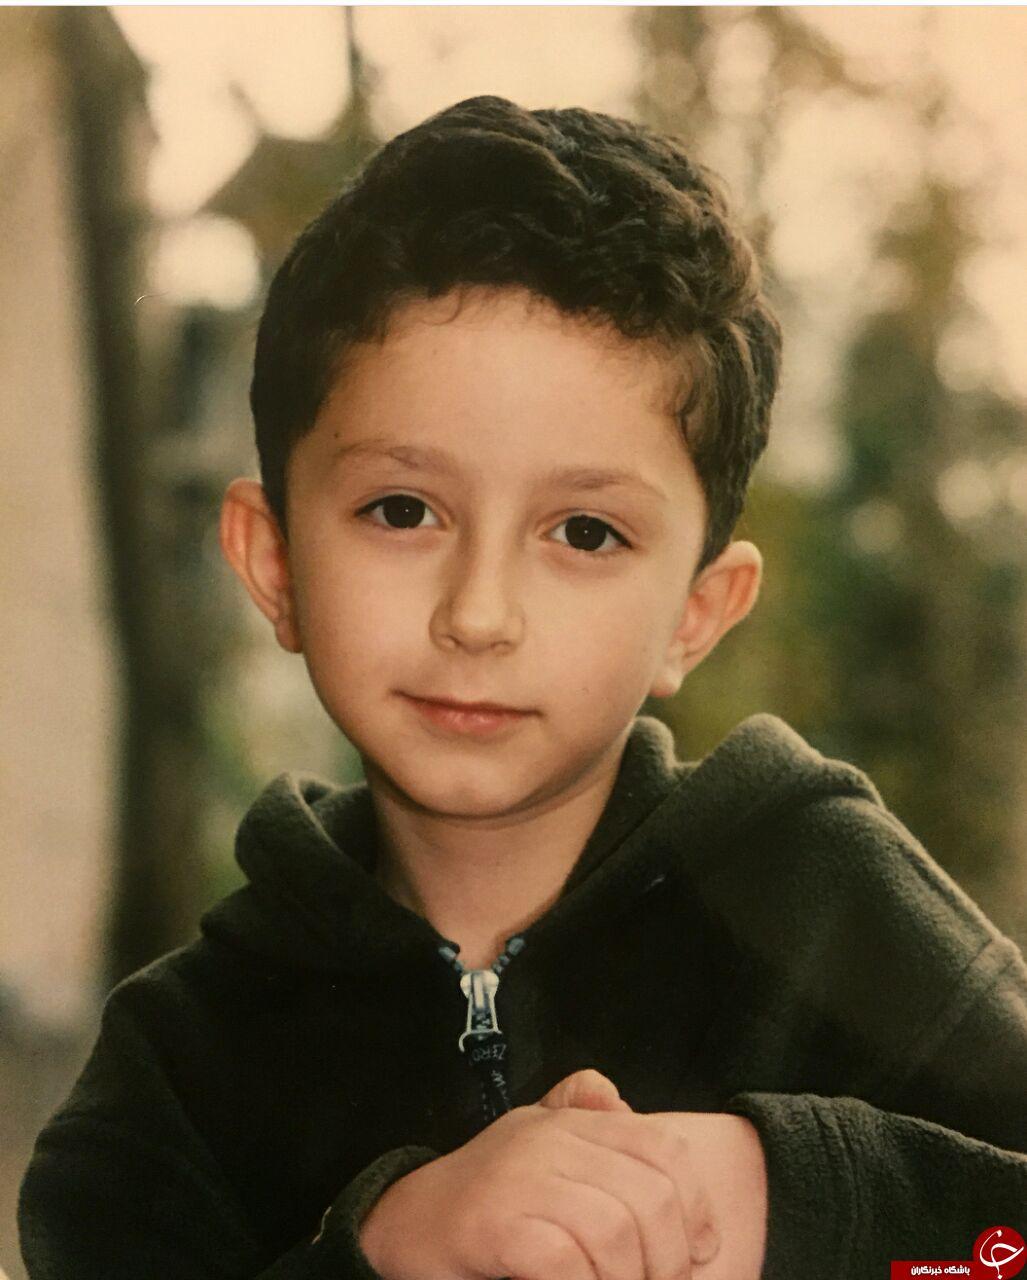 تصویر کمتر دیده شده از کودکی شهید محمد حسین حدادیان